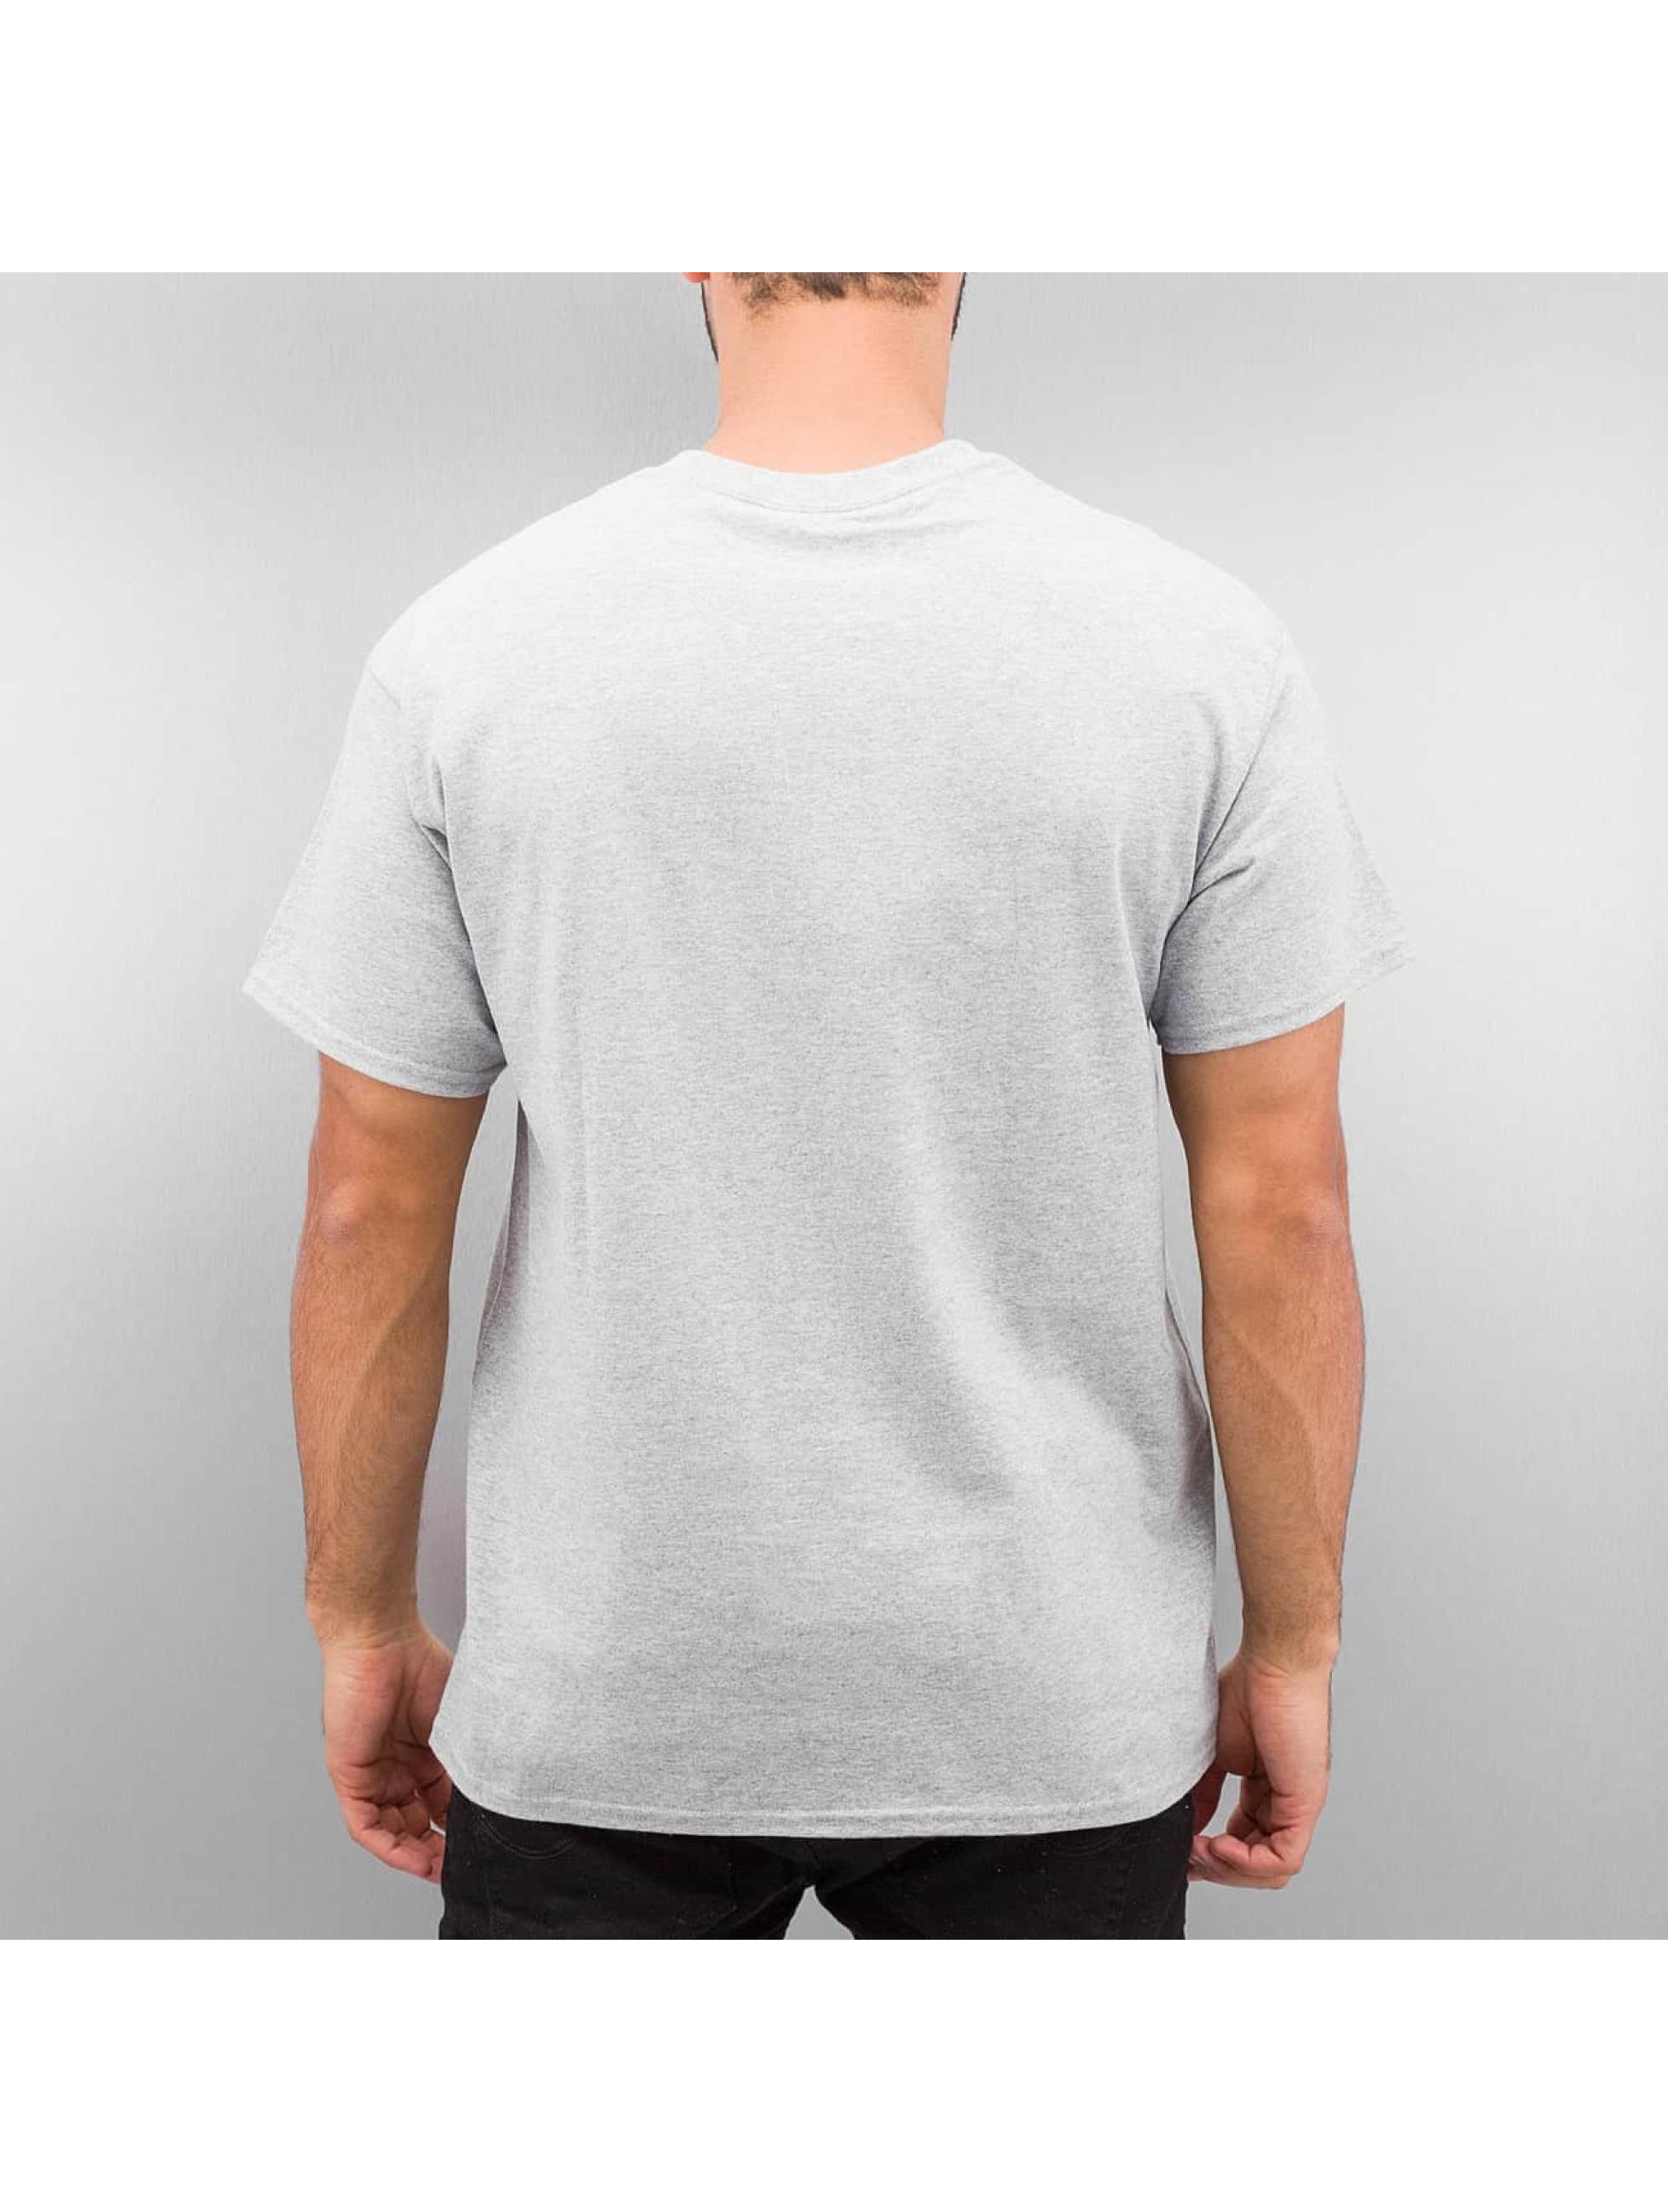 Joker T-Shirt Clown Brand gris